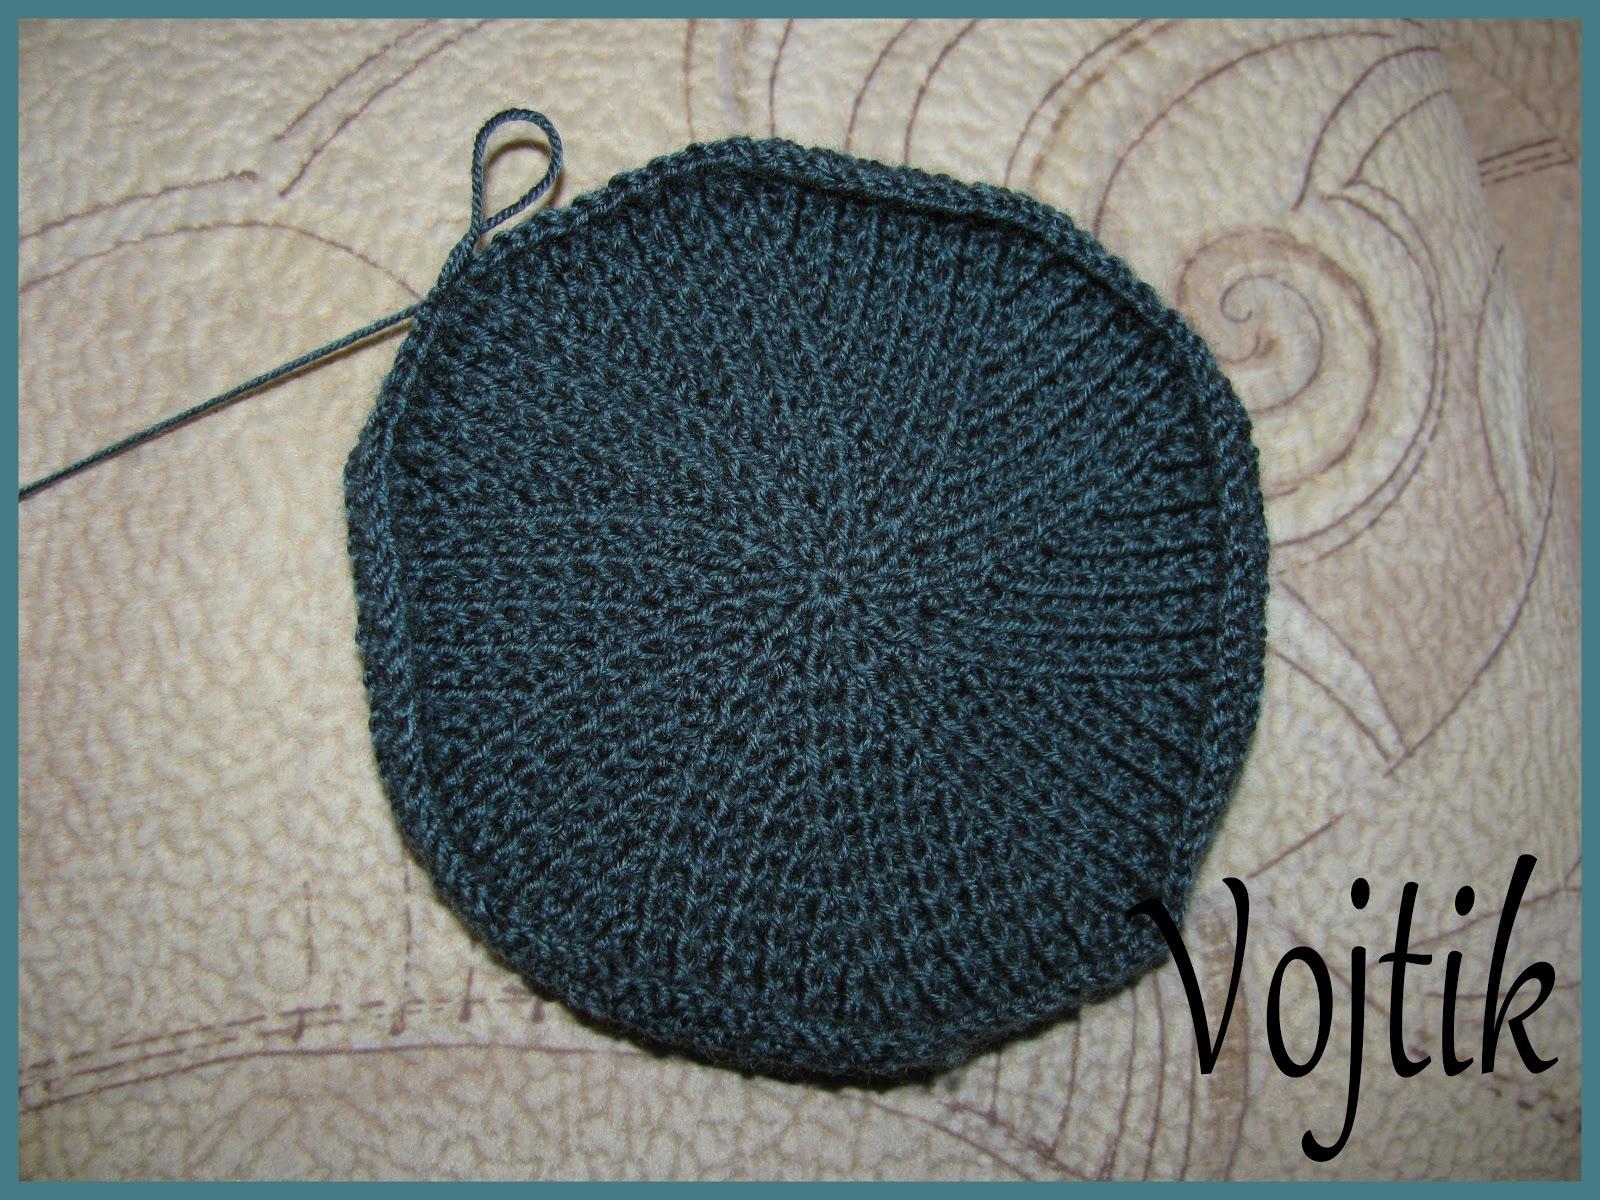 d3b710aa Размер мужской шапки - 59, на шапку потребуется 100г пряжи BRILLIANT (45%  шерсти (ластер), 55% акрила) графитового цвета (100г/380м) фирмы VITA,  крючок №3.